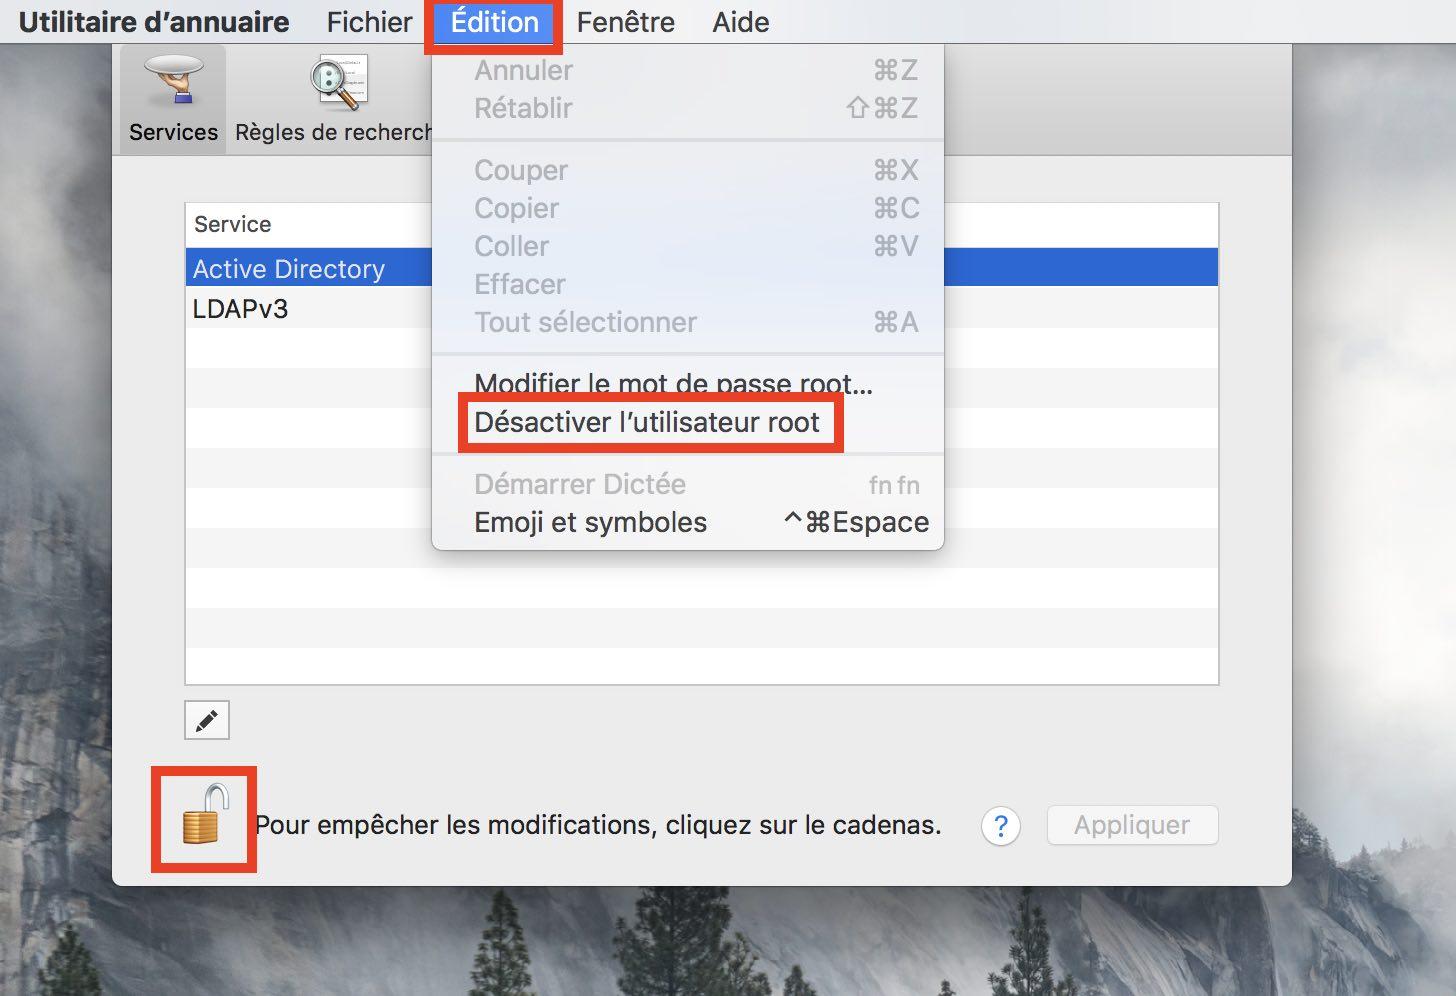 macOS High Sierra: un gran defecto que da acceso root a cualquiera, ¿cómo protegerse? 3